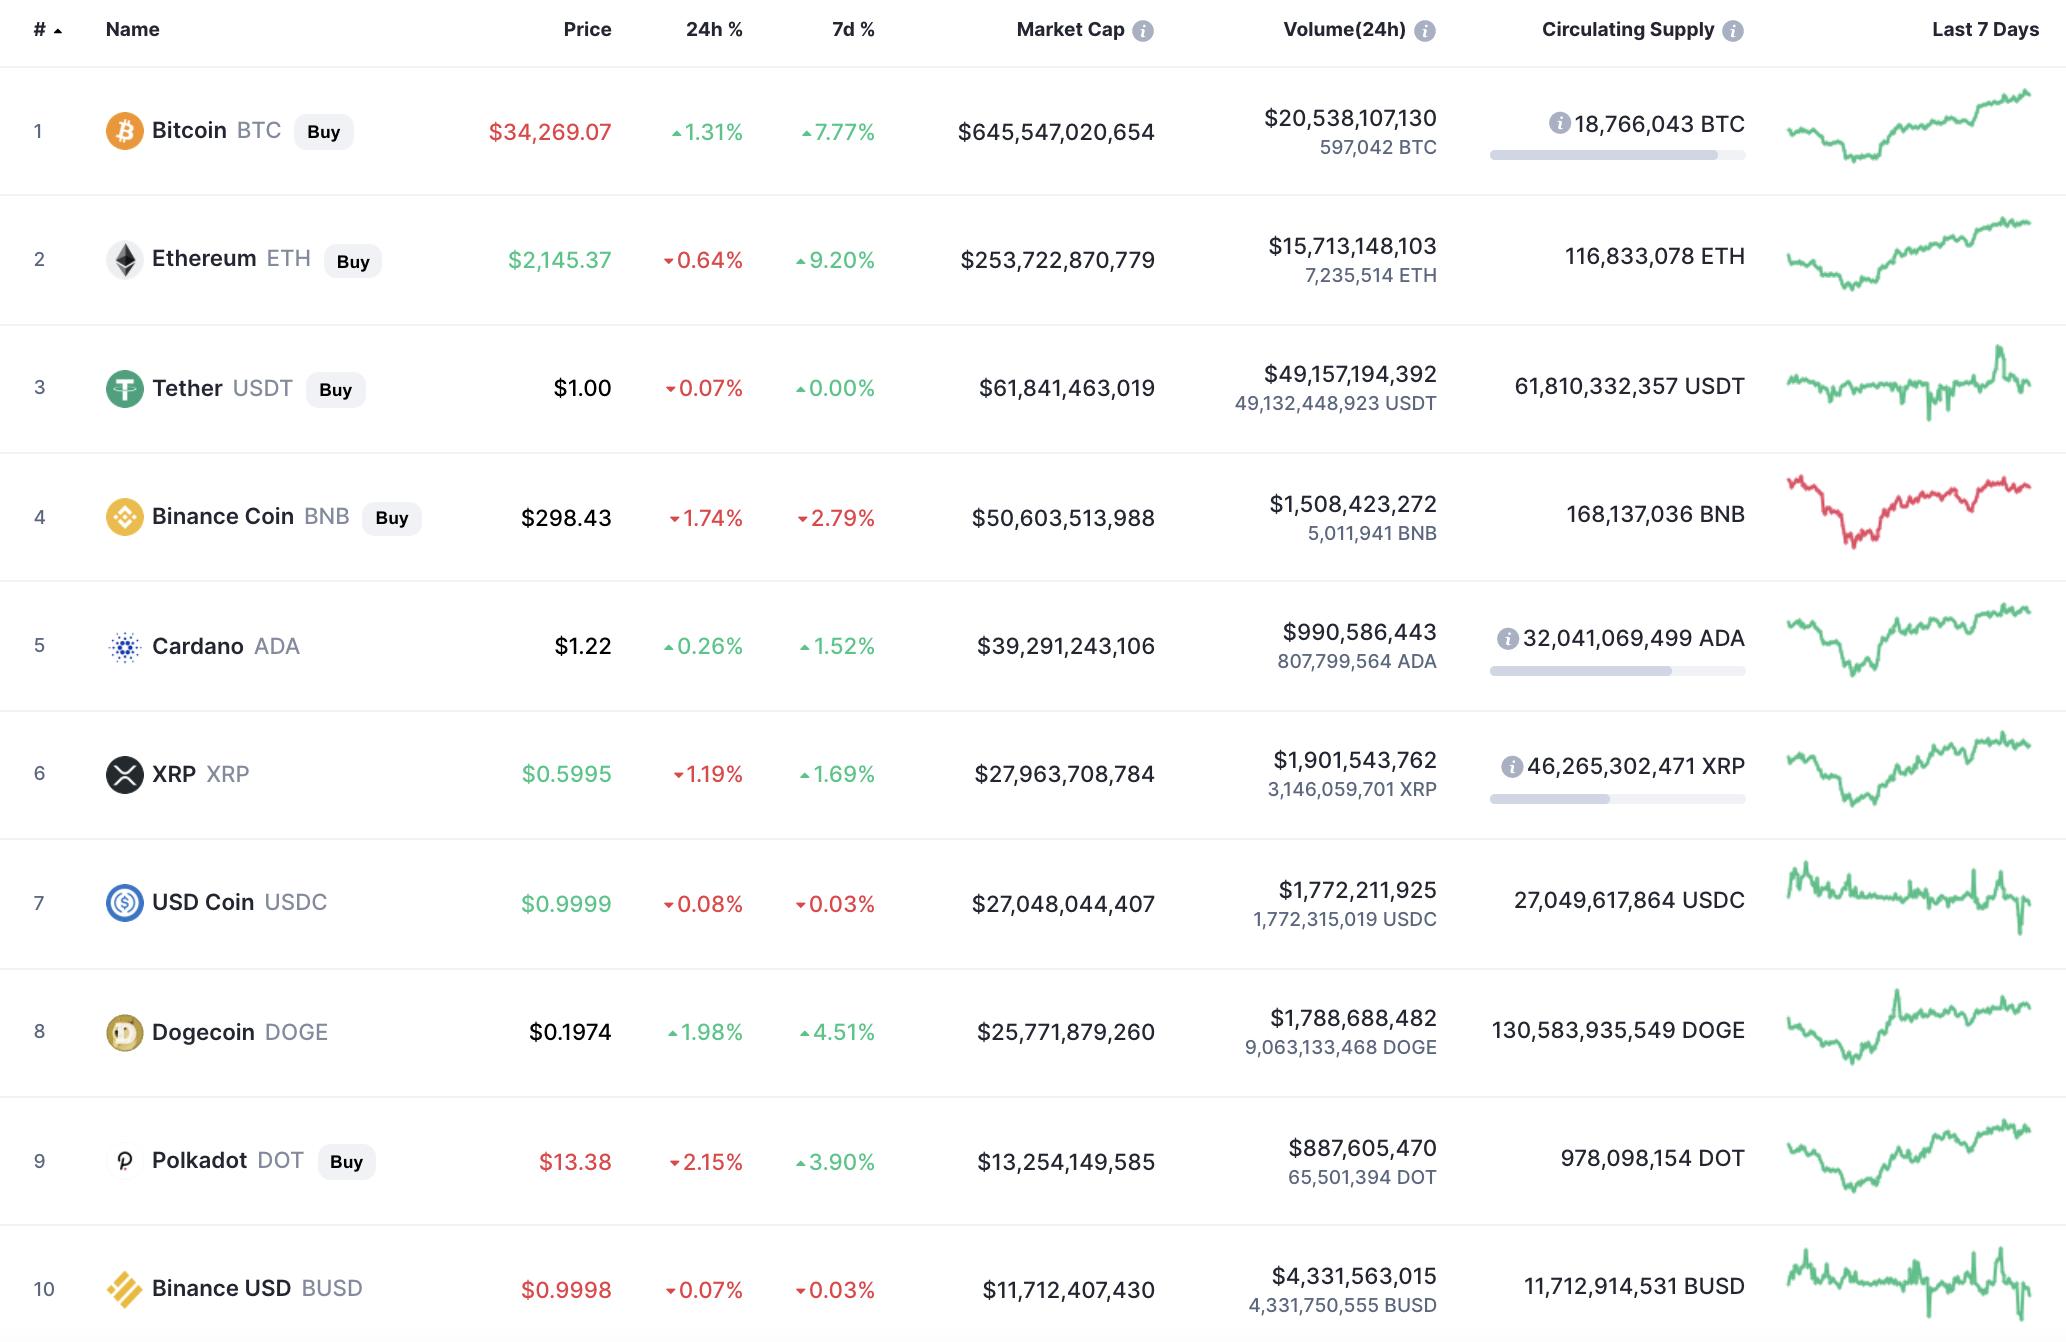 Principales monedas de CoinMarketCap